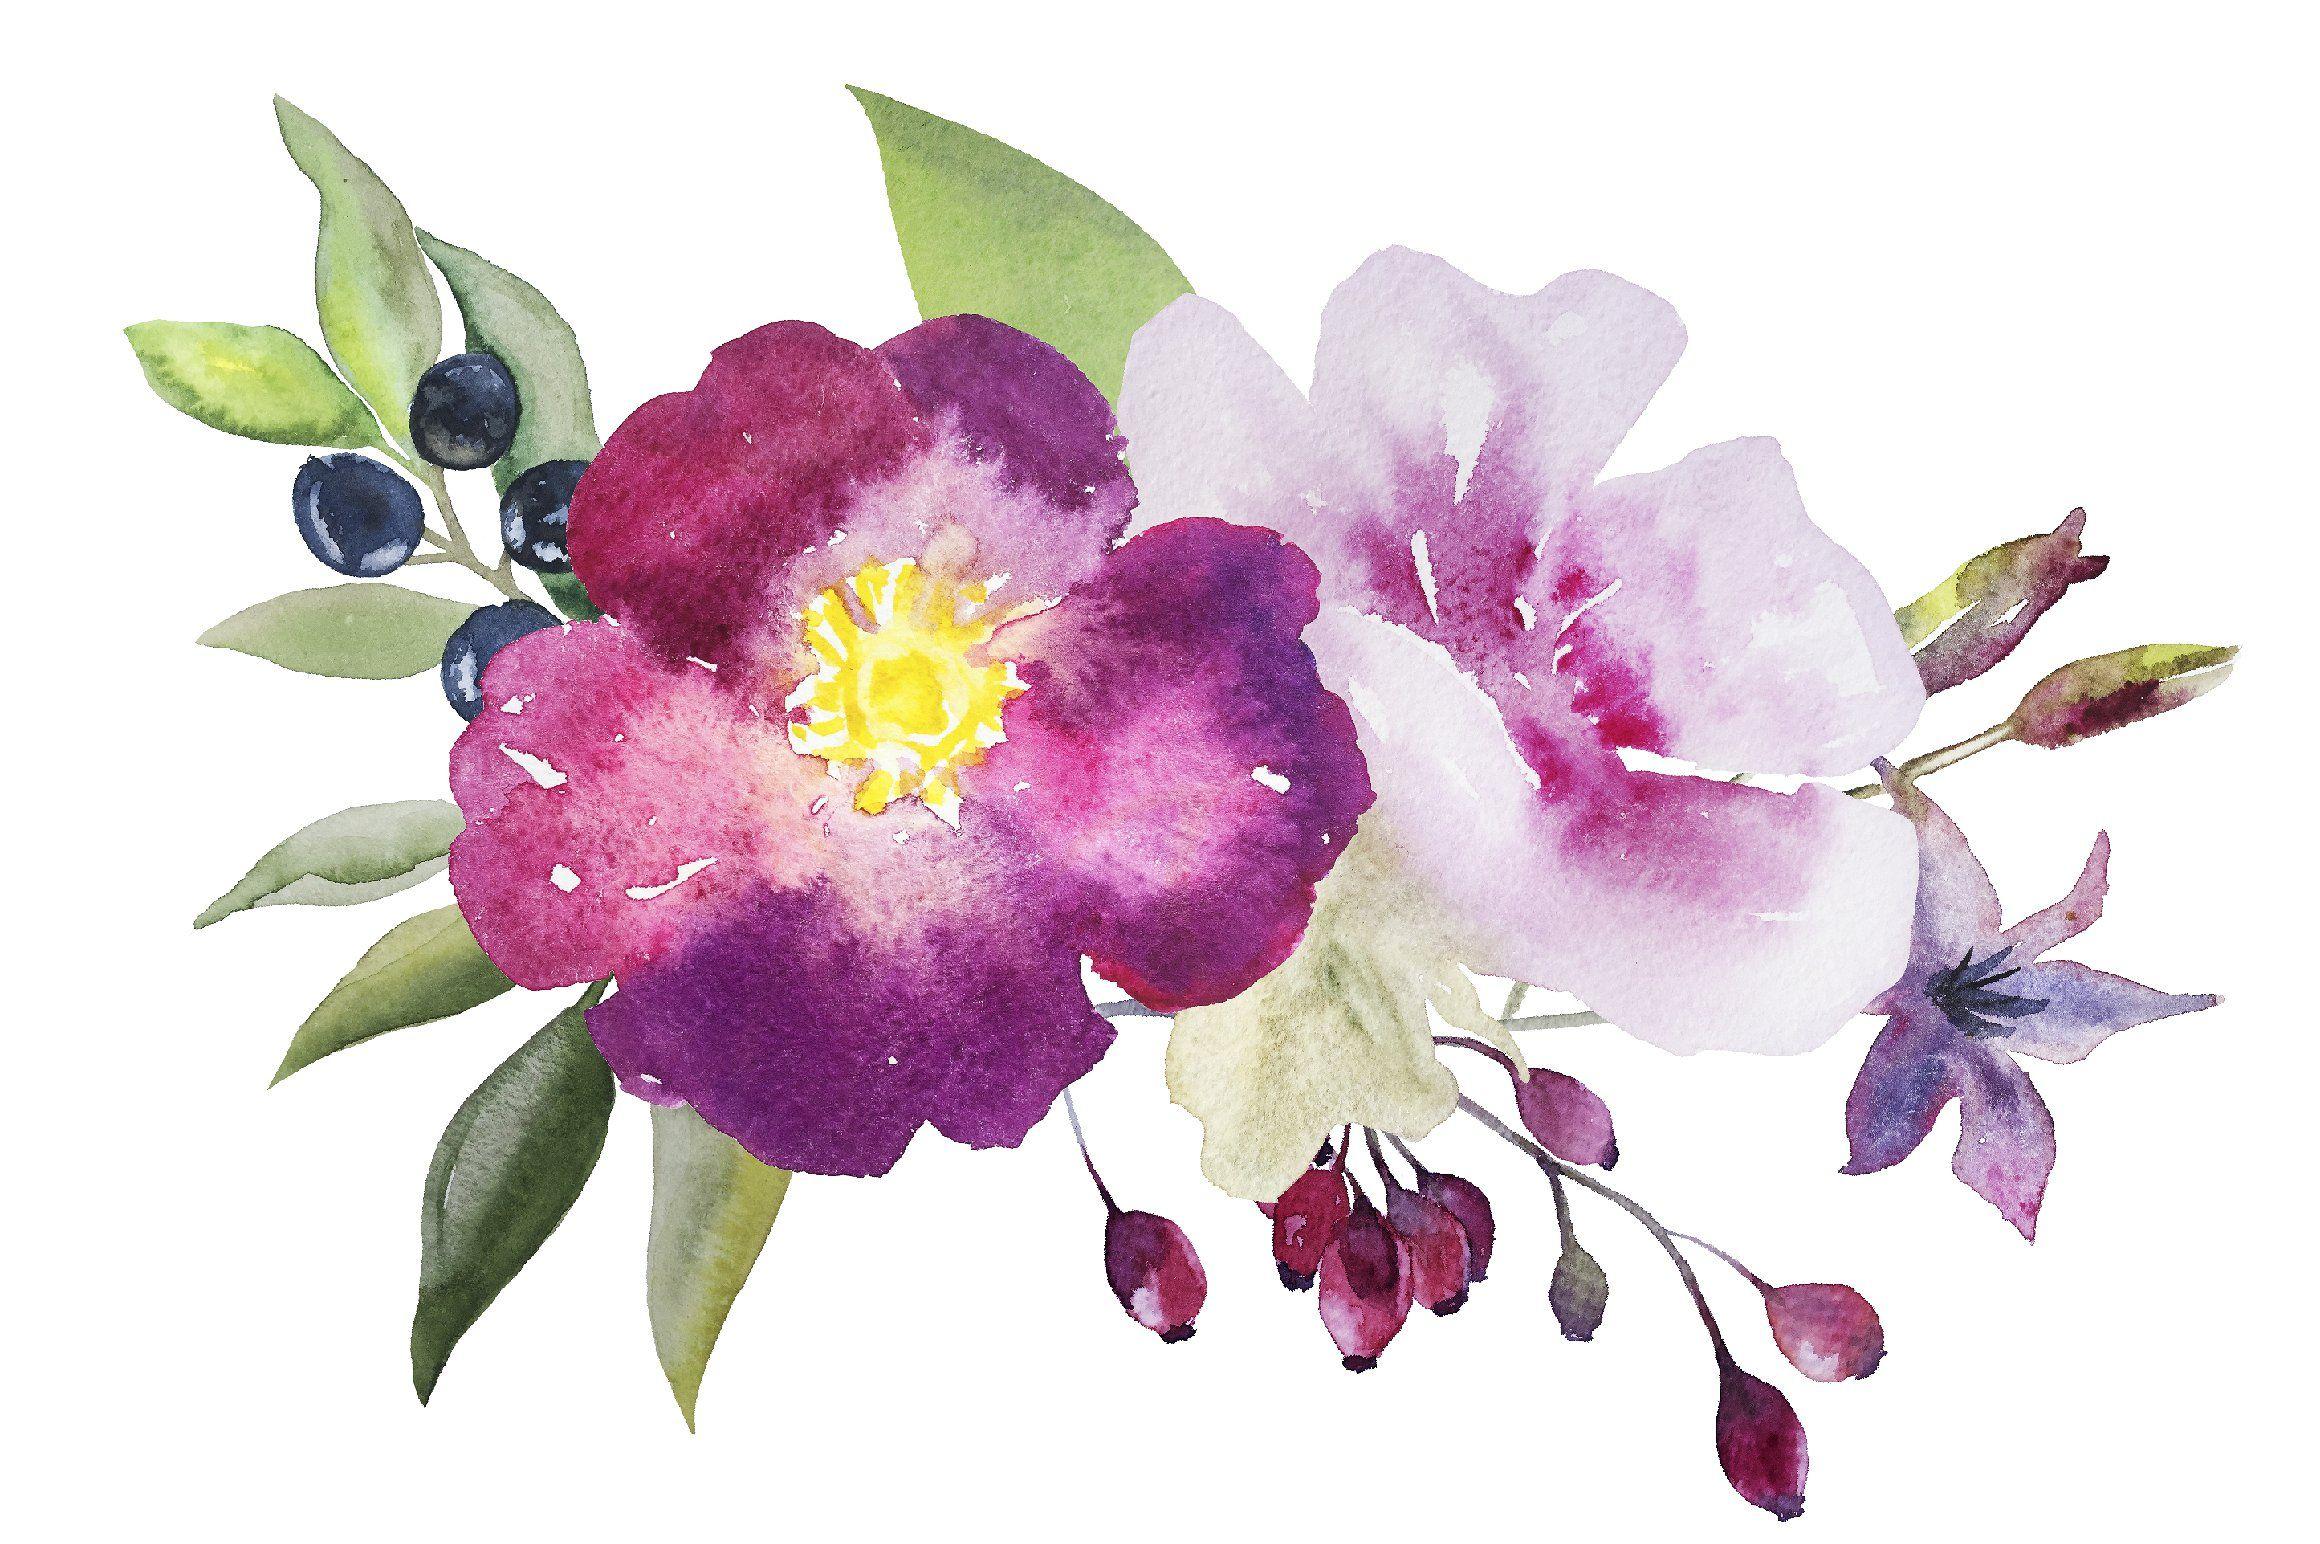 Watercolor Flowers Set 3 Watercolor Flowers Tutorial Watercolor Flower Background Loose Watercolor Flowers